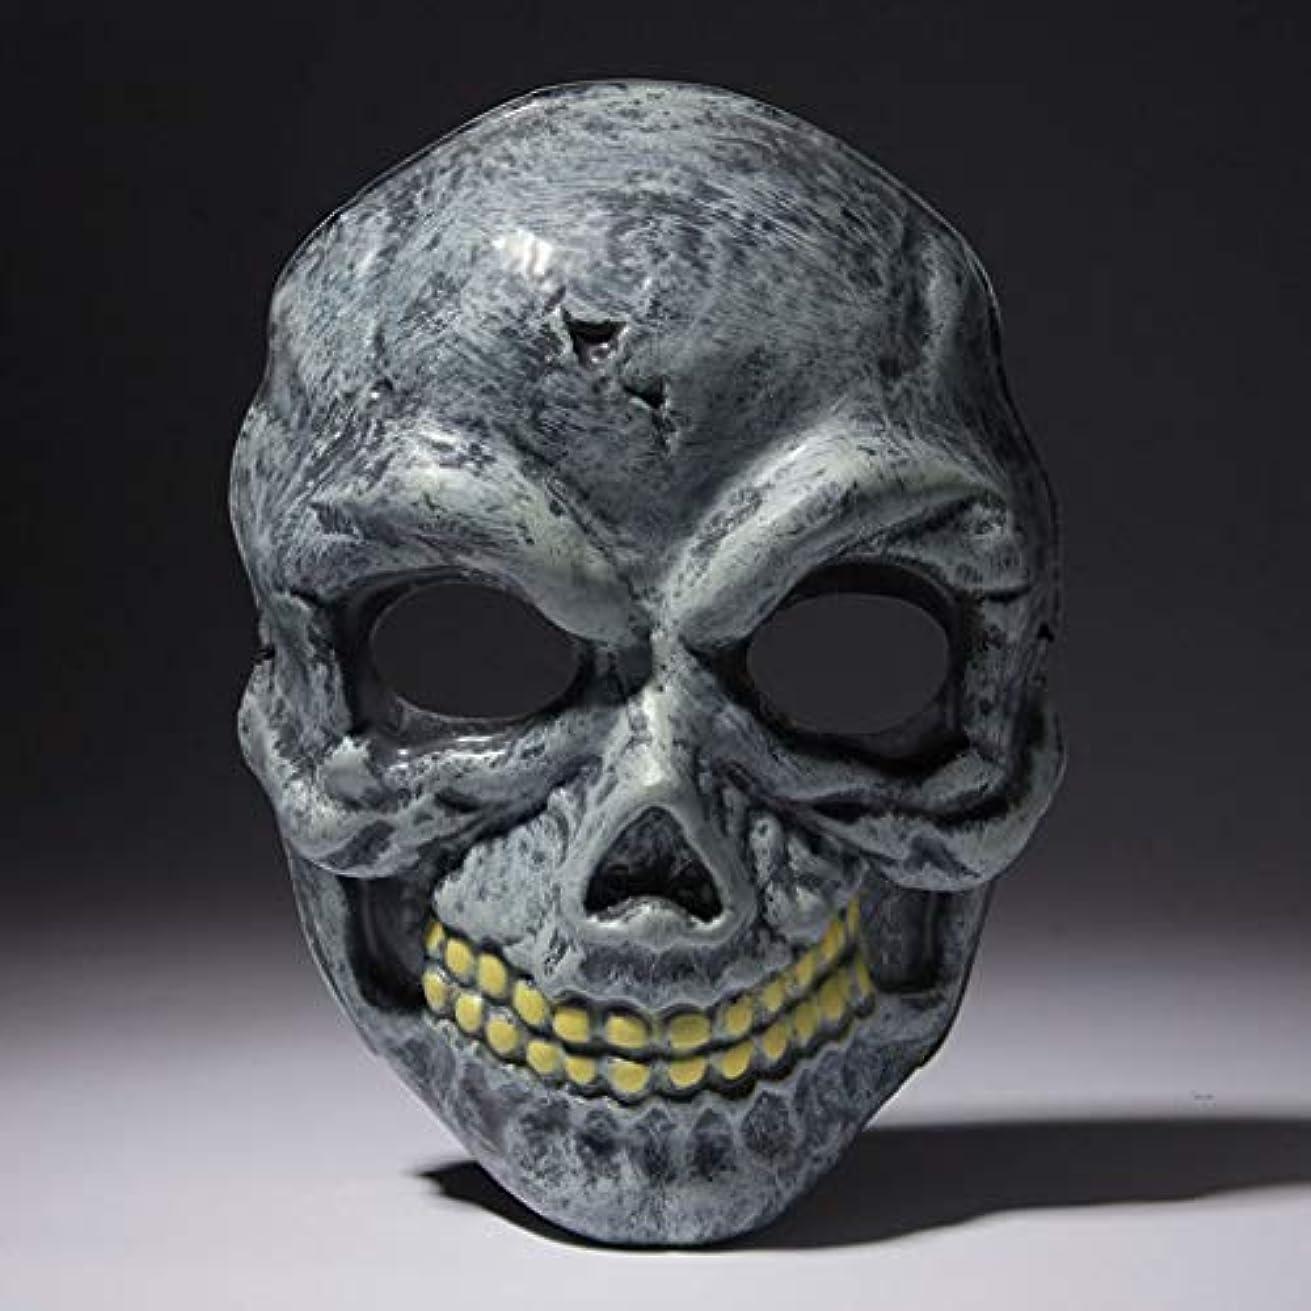 ドローうっかり欠如ハロウィーン悲鳴悪魔ホラーマスクしかめっ面怖いゾンビヘッドギア大人ゴーストフェスティバルボールマスク